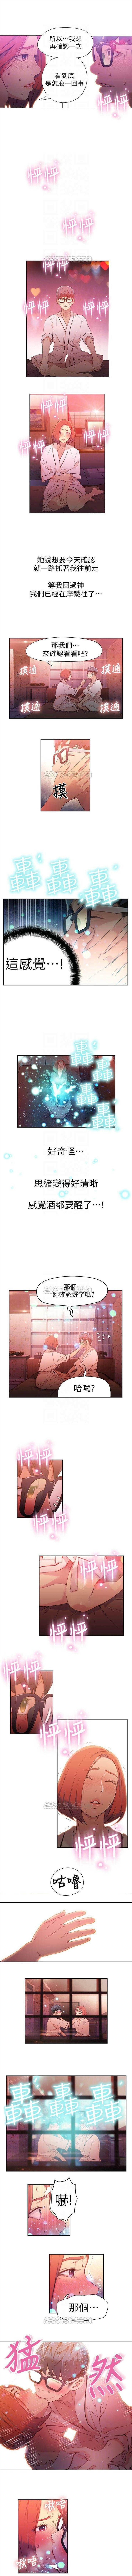 (周7)超导体鲁蛇(超级吸引力) 1-17 中文翻译(更新中) 70